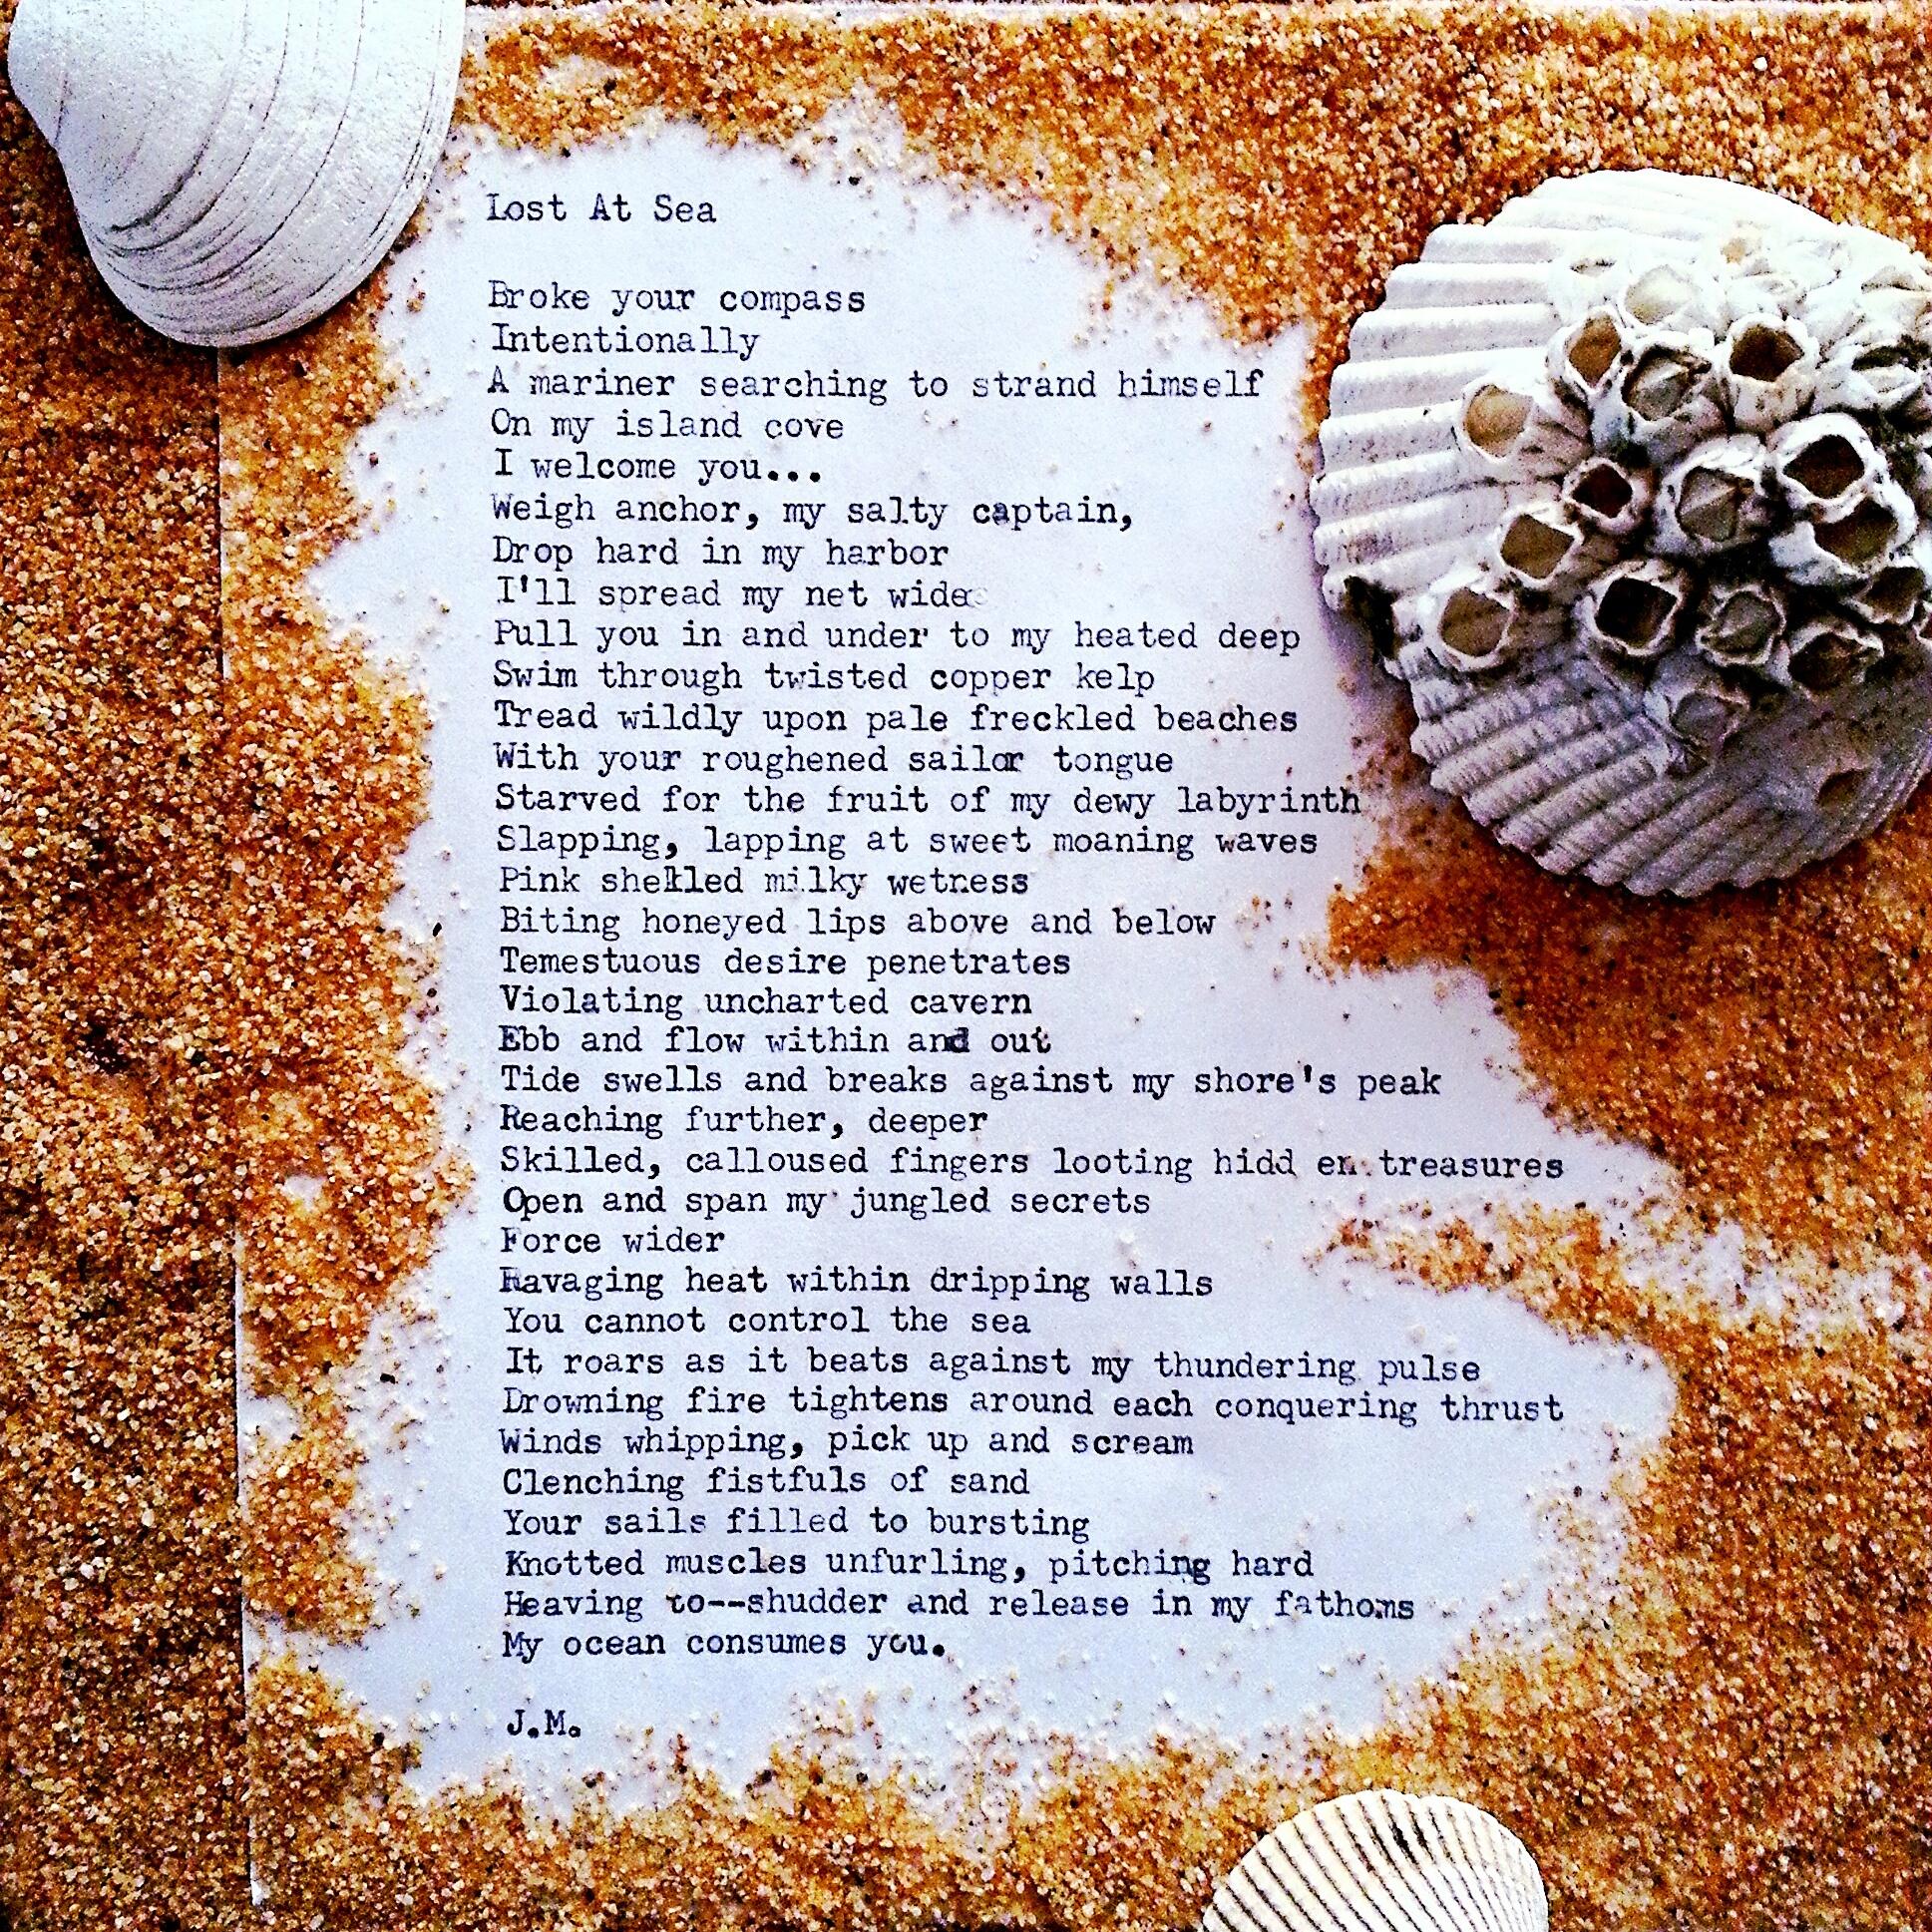 Lost At Sea (a poem)